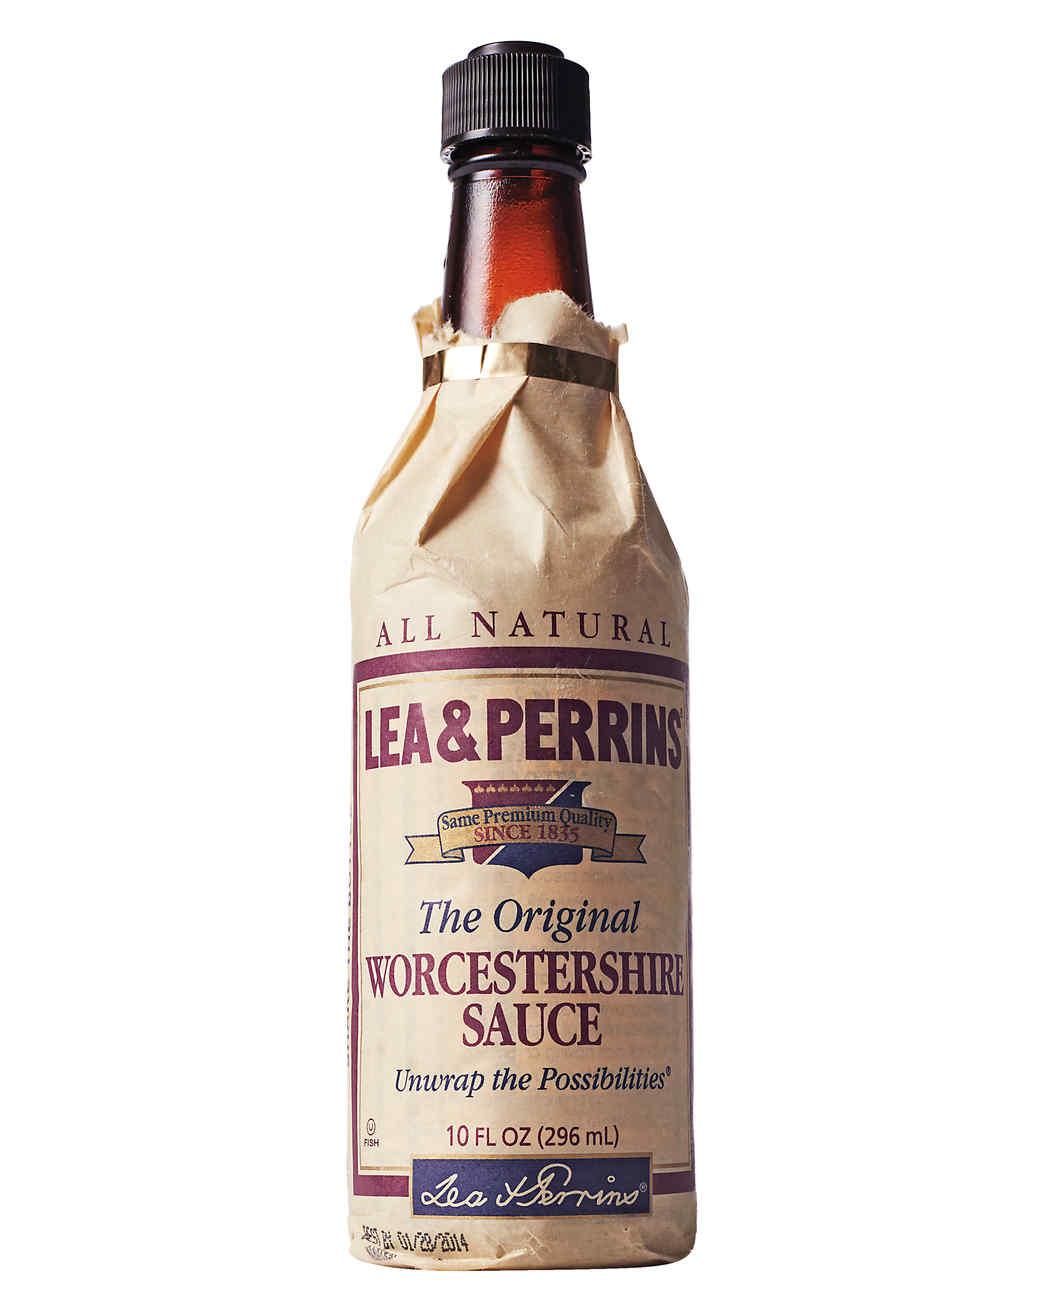 worcestershire-sauce-lea-perrins-106-d111263.jpg